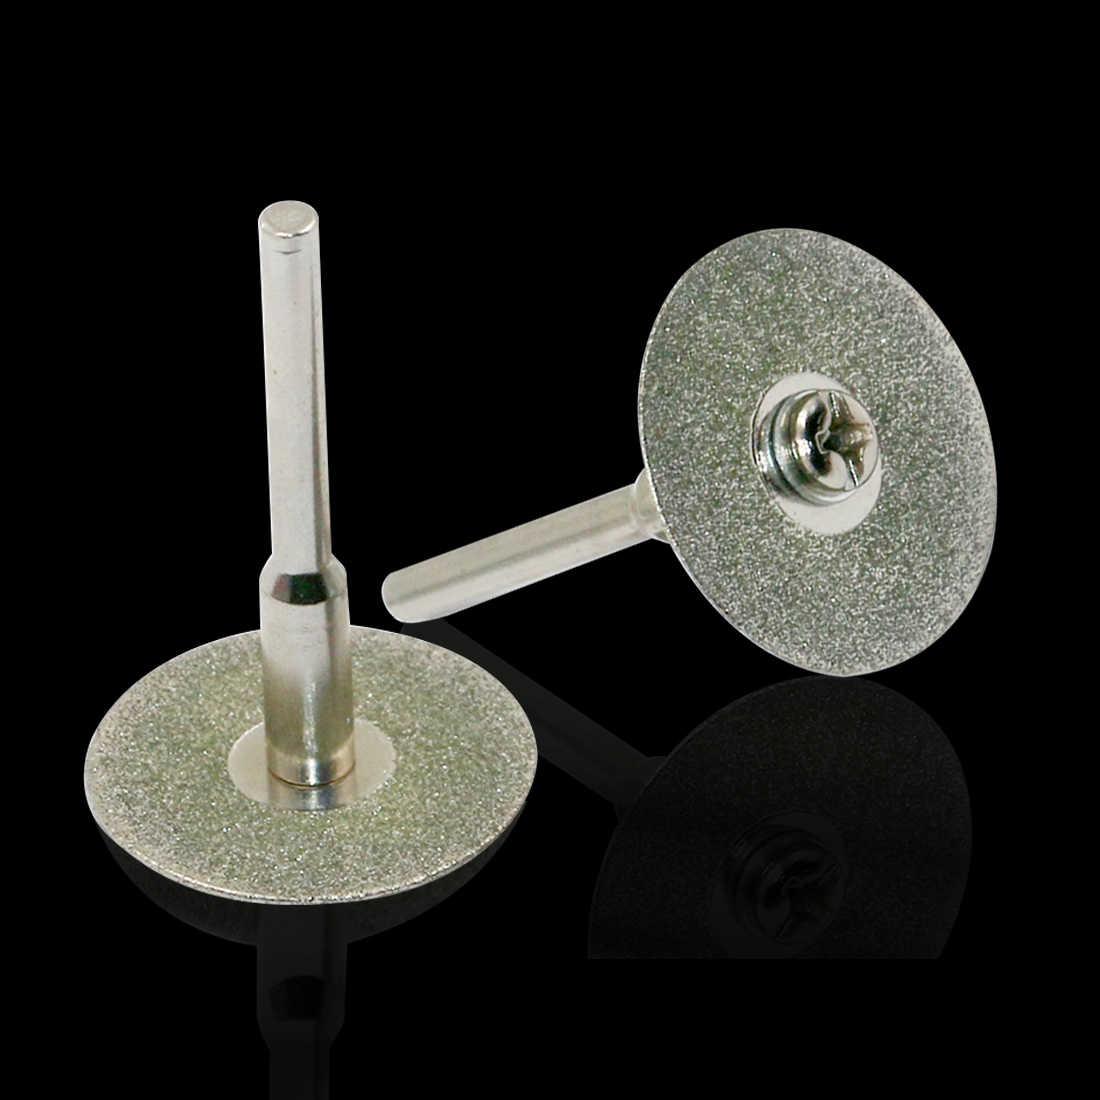 Лучшие аксессуары алмазная шлифовальная пила мини циркулярная пила режущий диск Вращающийся инструмент алмазный диск для Dremel вращающиеся инструменты